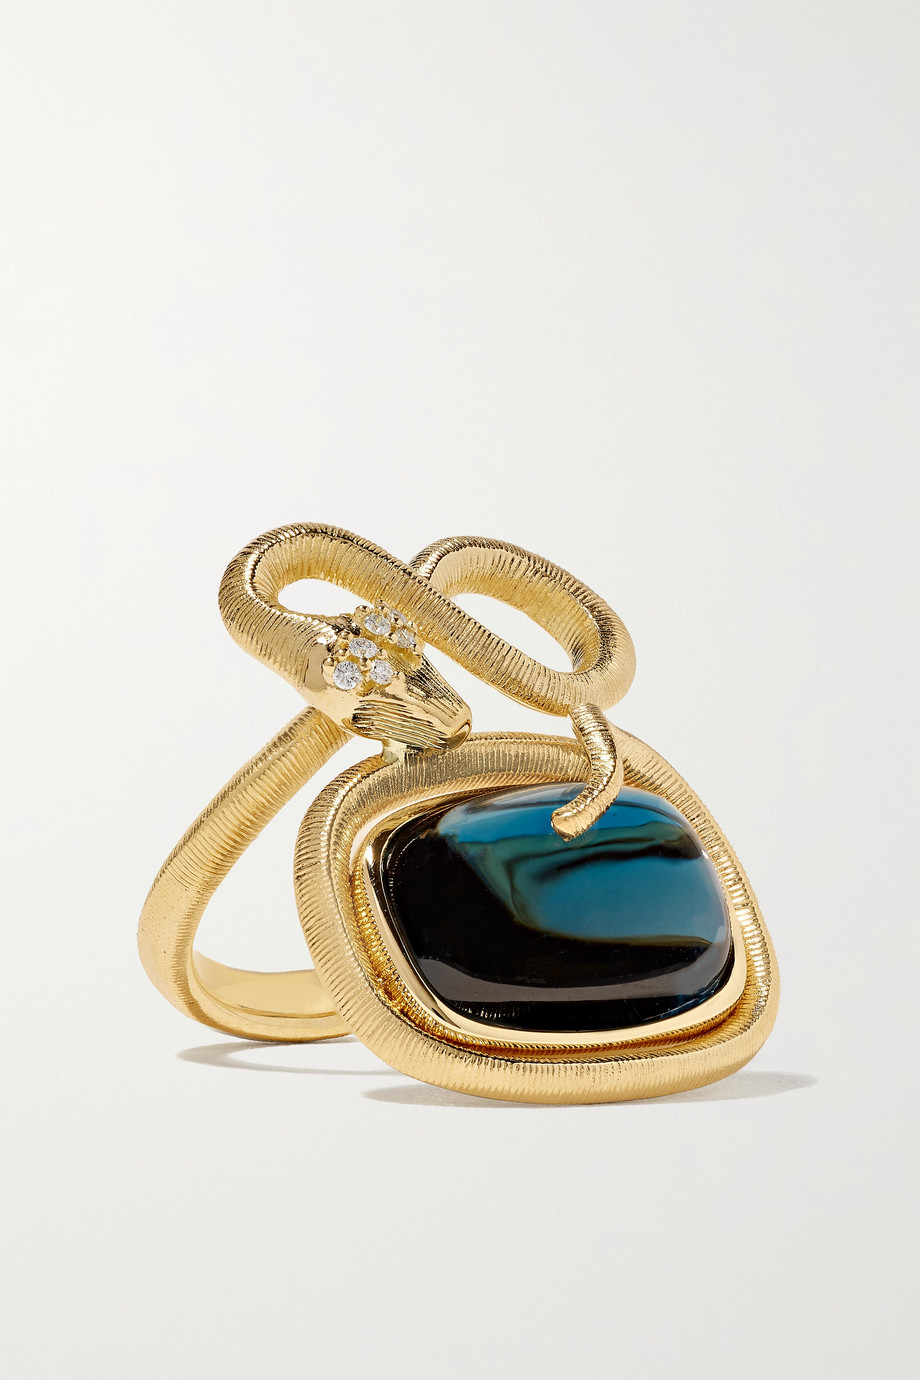 OLE LYNGGAARD COPENHAGEN Snake Ring aus 18 Karat Gold mit Topas und Diamanten